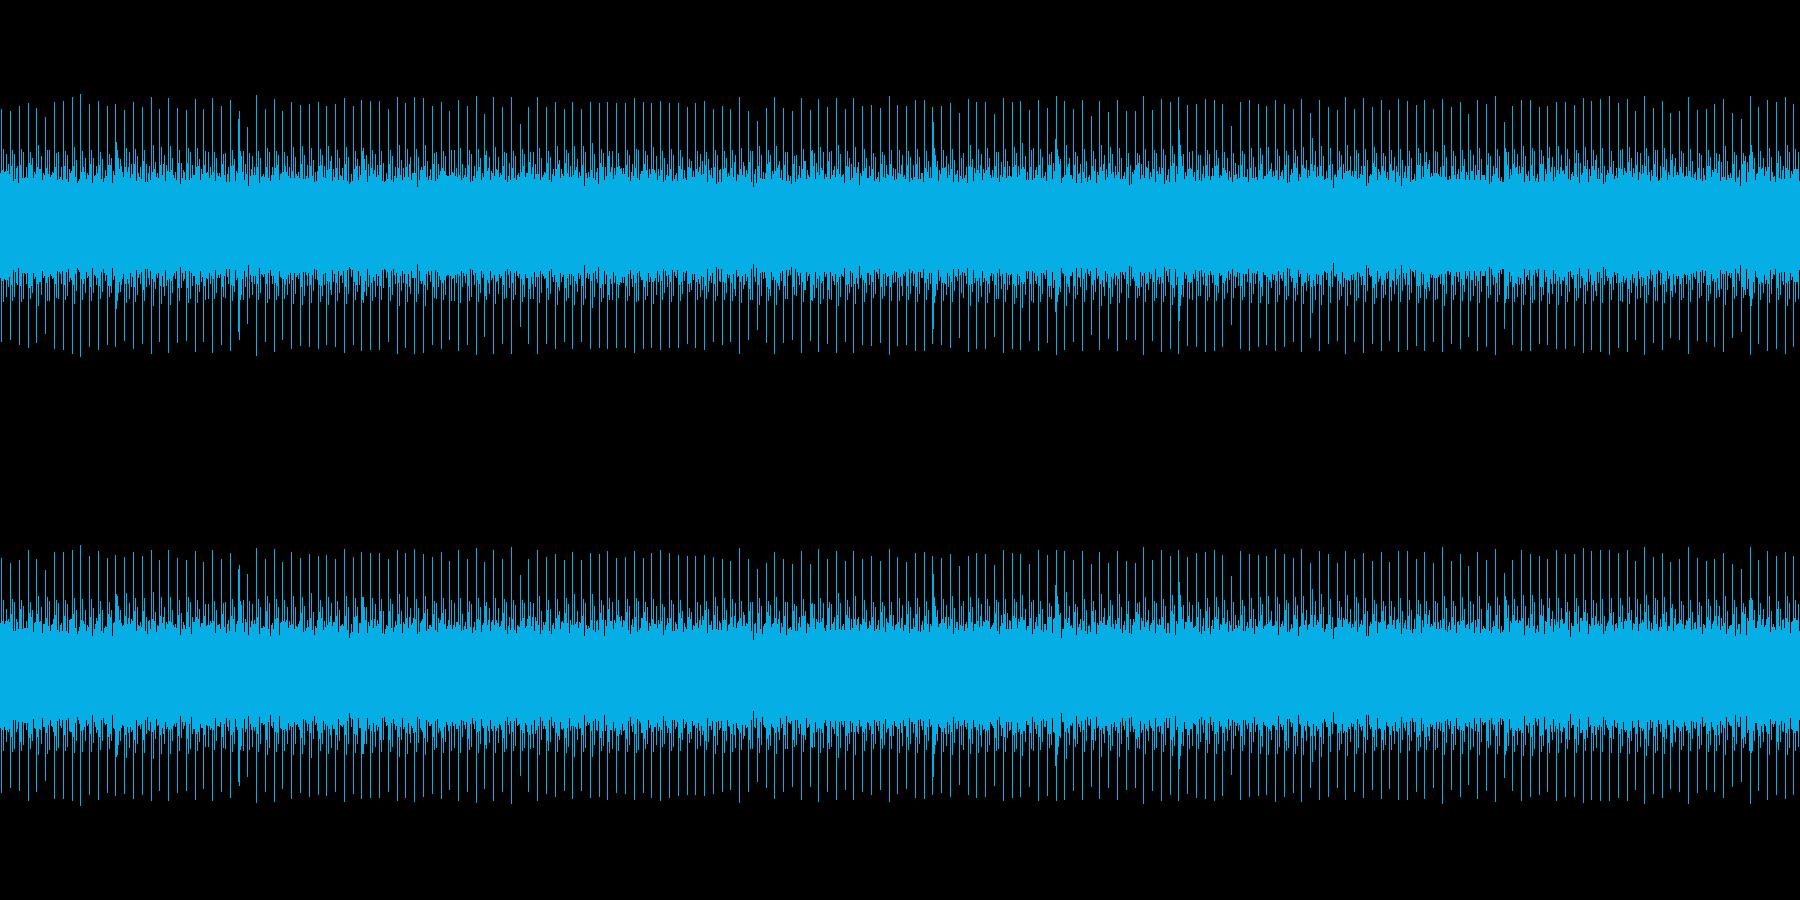 開演ブザーの再生済みの波形